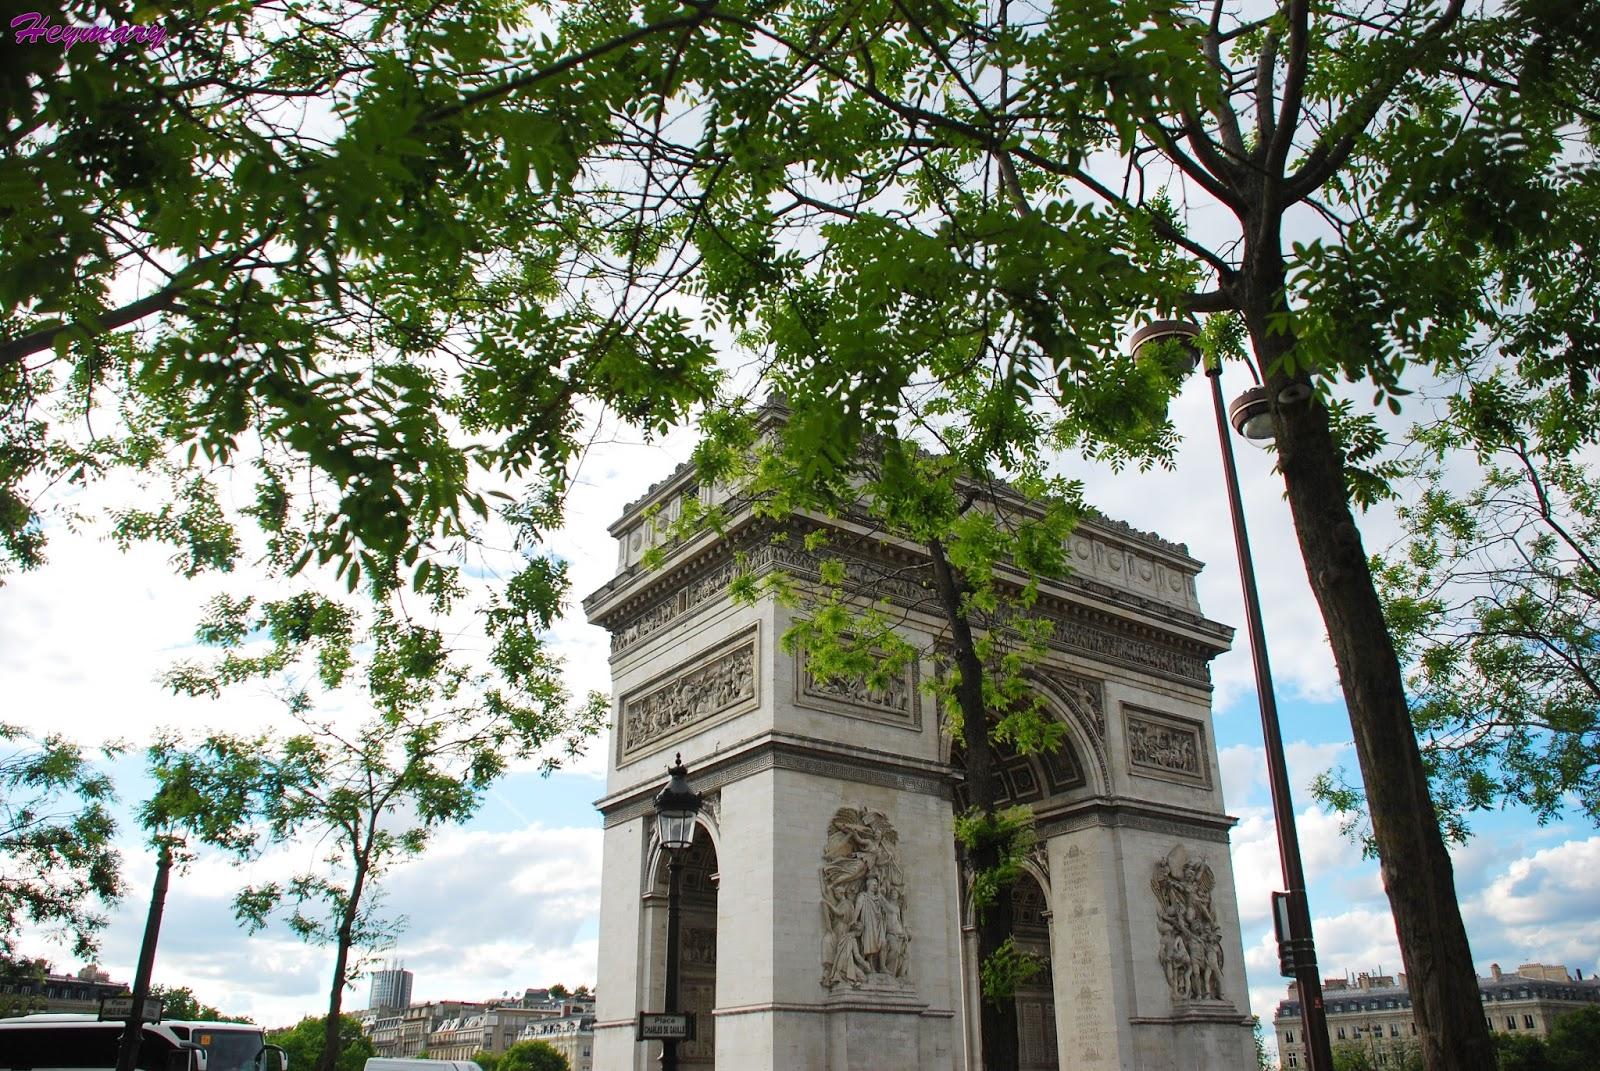 巴黎凱旋門2017/05/20 巴黎戴高樂廣場中央,紀念拿破崙1805年打敗俄奧聯軍的勝利,1806年興建,其間因拿破崙被推翻而停工,於1830年波旁王朝推翻斷斷續續經過30年於1836年7月29日落成。 巴黎的12條大街都以凱旋門為中心,向四周放射